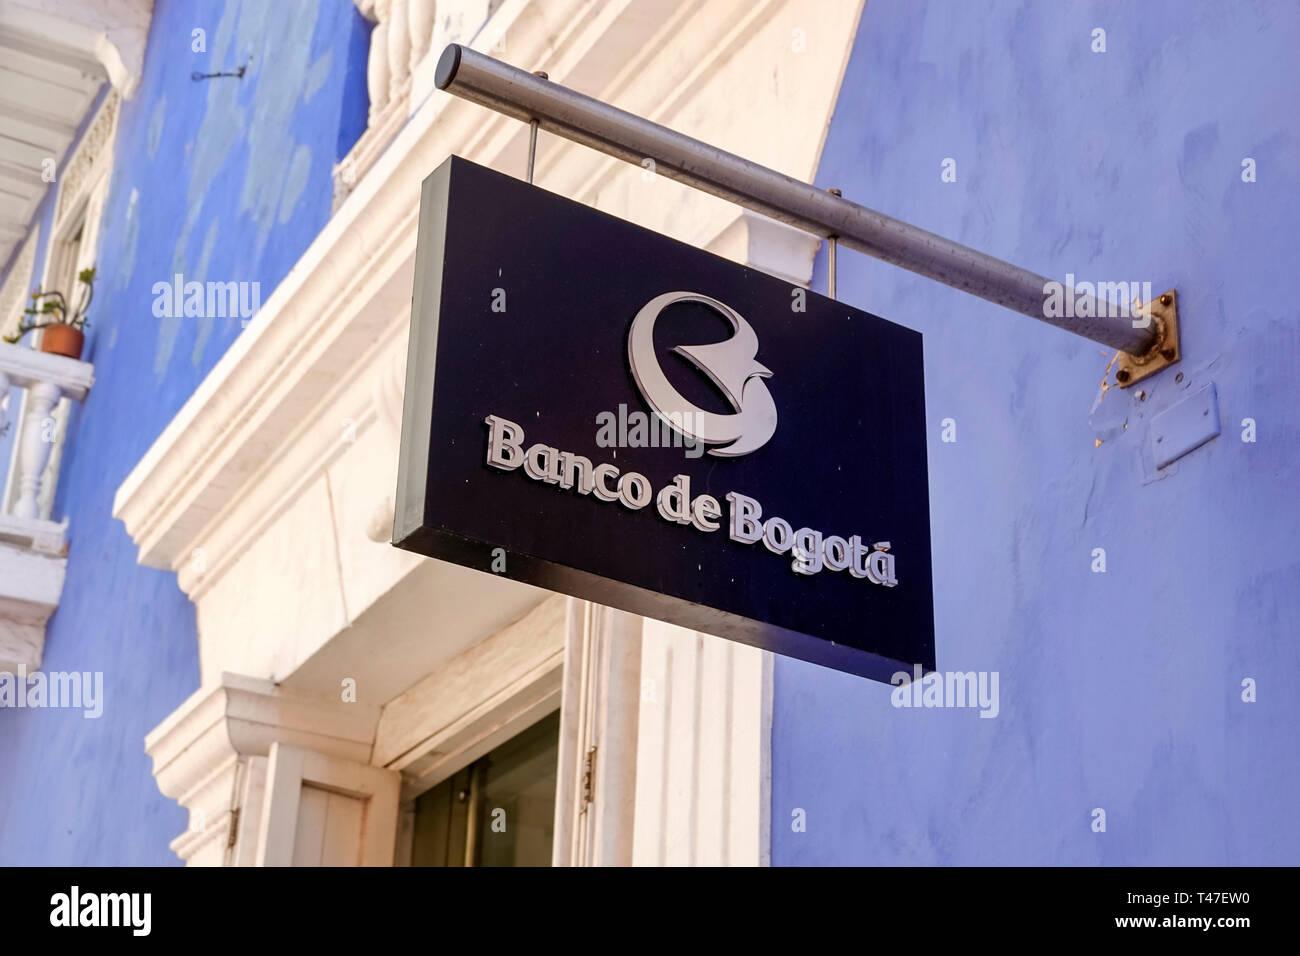 Colombia Cartagena antica città murata centro Centro Banco de Bogotà esterno il logo di segno Immagini Stock